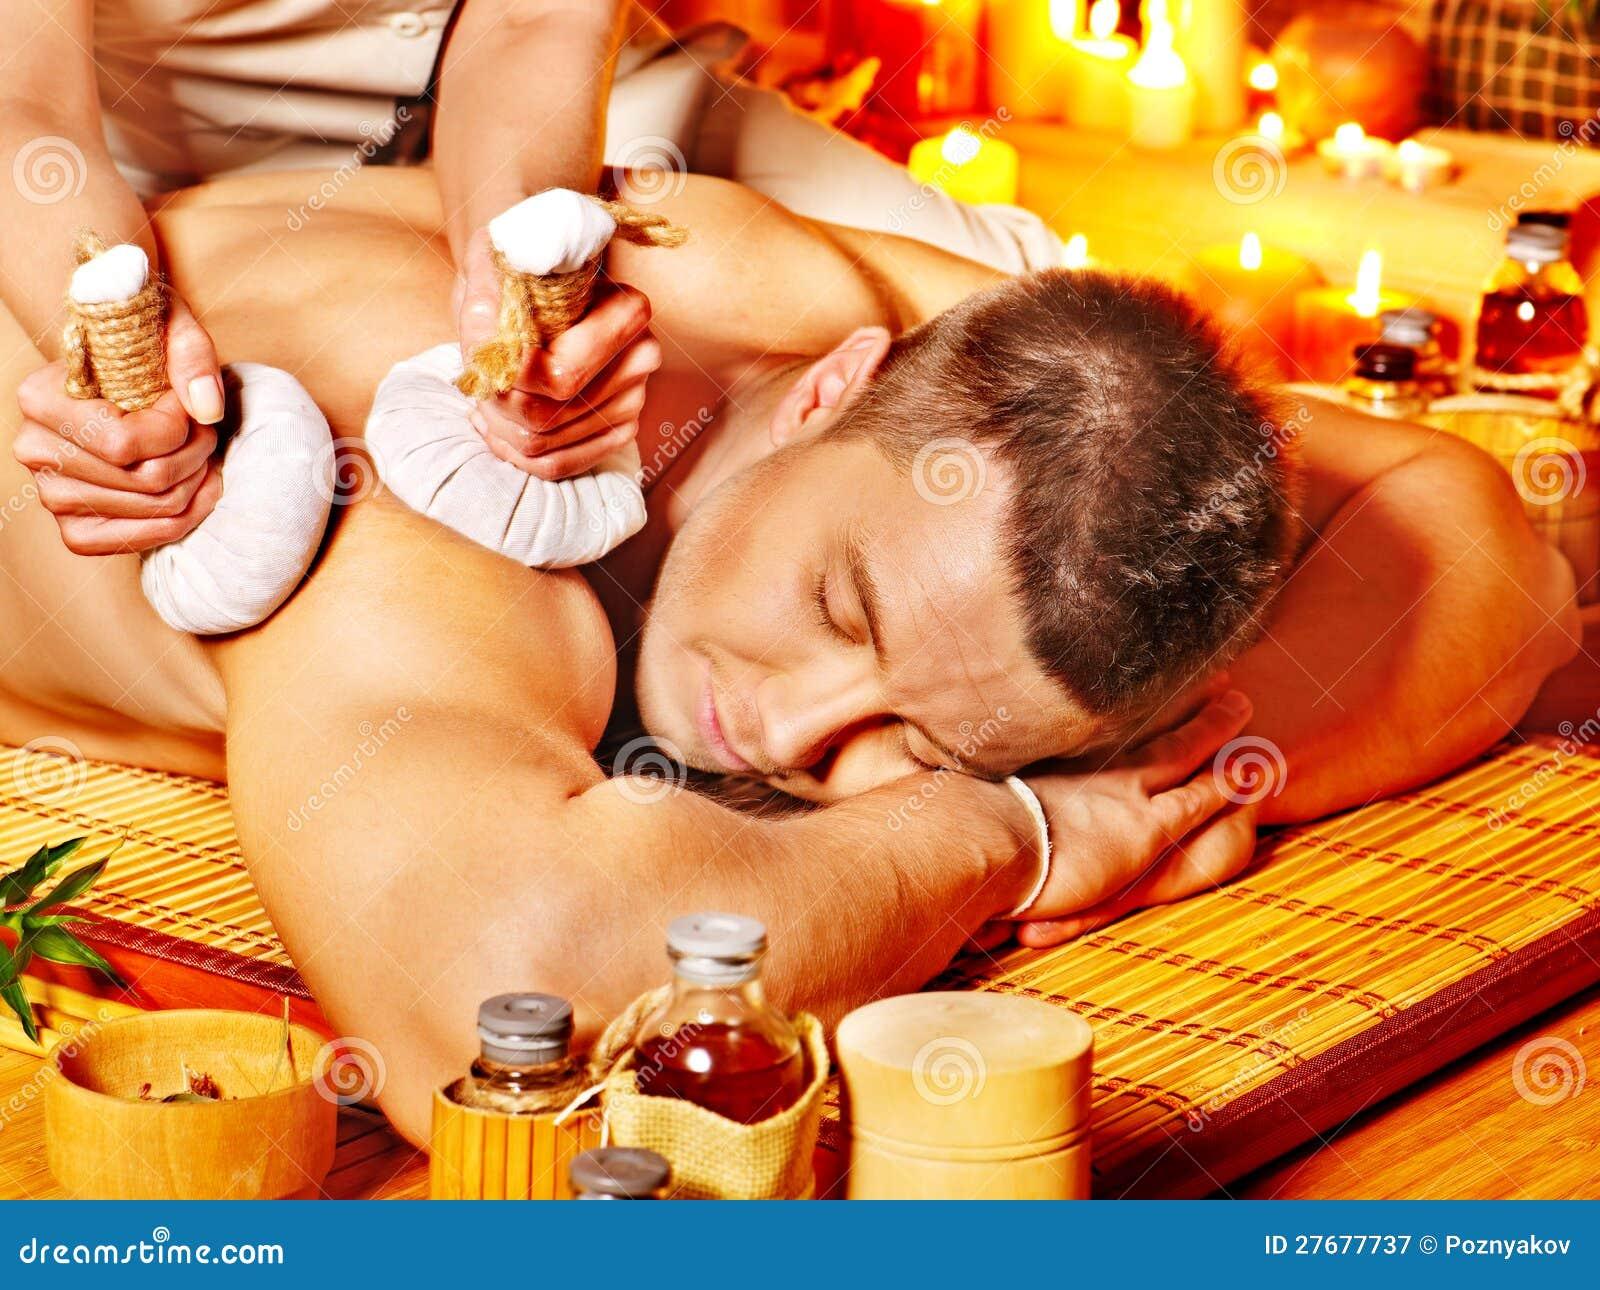 Этапы эротического массажа для мужчины 20 фотография